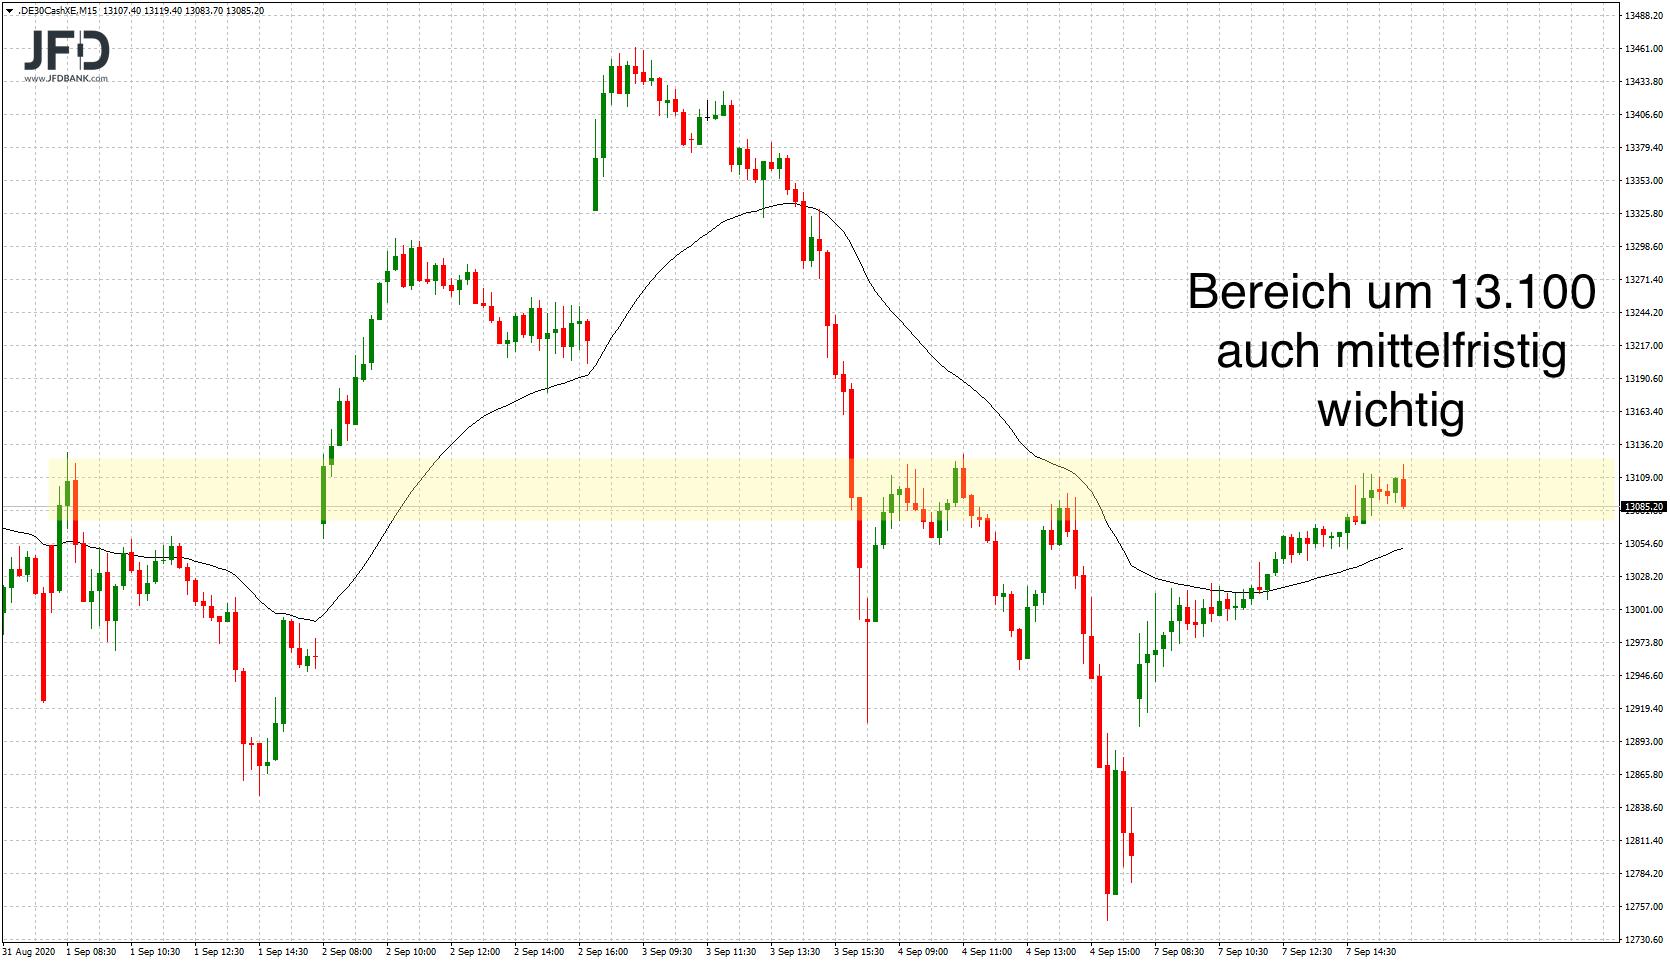 DAX-ohne-Wall-Street-entfesselt-Kommentar-JFD-Bank-GodmodeTrader.de-5